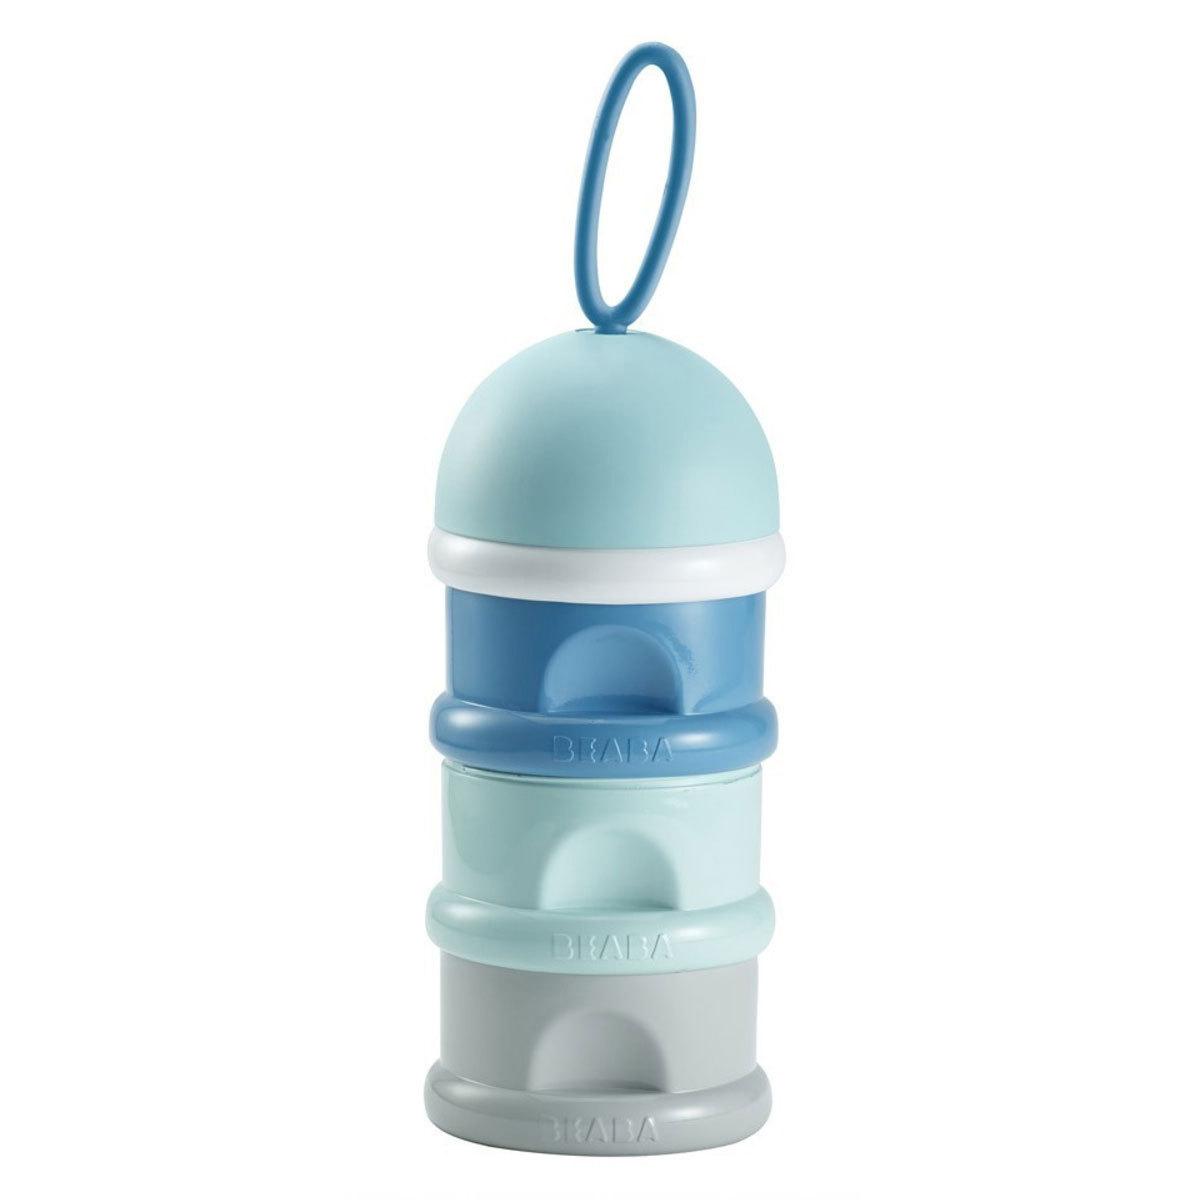 Boite doseuse biberon Boite Doseuse Empilable - Blue Boite Doseuse Empilable - Blue